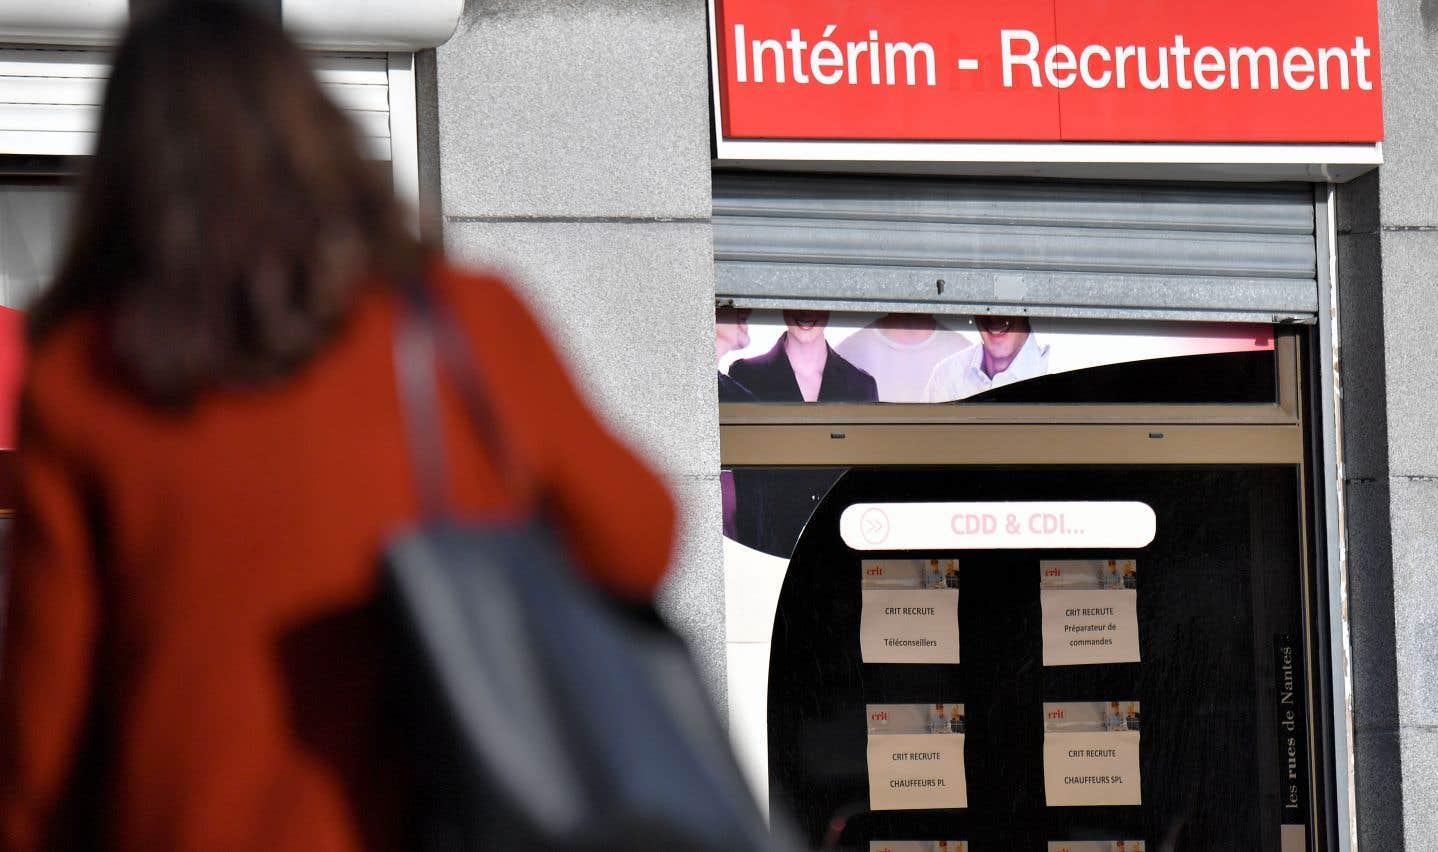 Une femme devant un bureau de recrutement pour des emplois temporaires à Nantes, en France. «Le taux de chômage des moins de 25 ans est plus sensible à la conjoncture, en raison de la flexibilité des contrats sous lesquels ils sont employés», avance Stéphane Carcillo, économiste à l'OCDE.